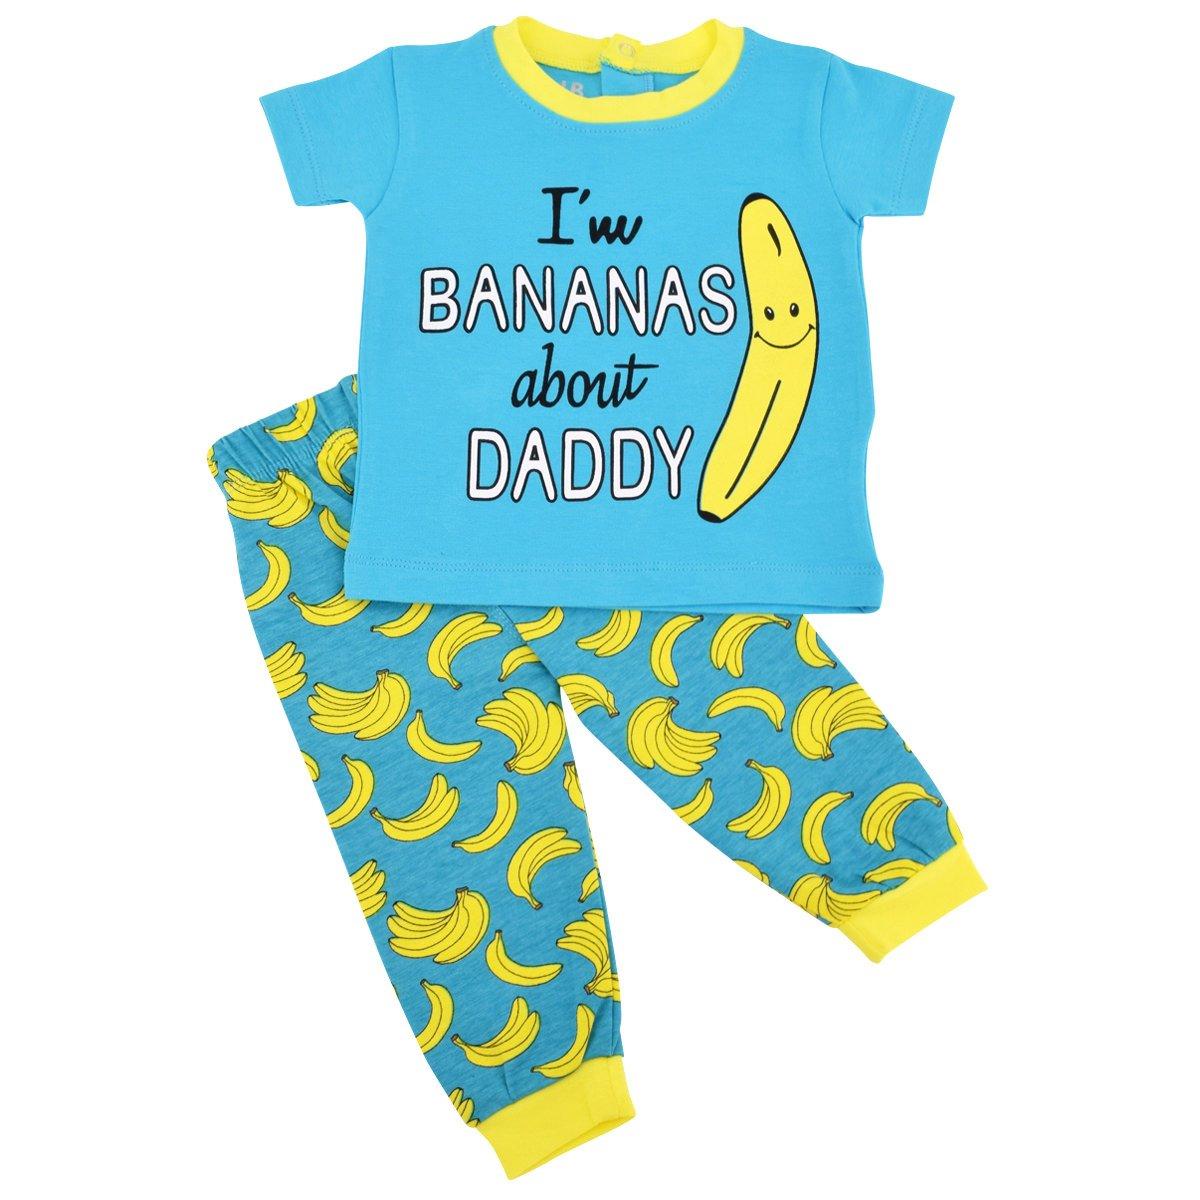 【正規品直輸入】 Unique Baby B07BZ3Q49X SLEEPWEAR ブルー SLEEPWEAR ベビーボーイズ Newborn ブルー B07BZ3Q49X, 道具屋 利作:da7cdd82 --- a0267596.xsph.ru